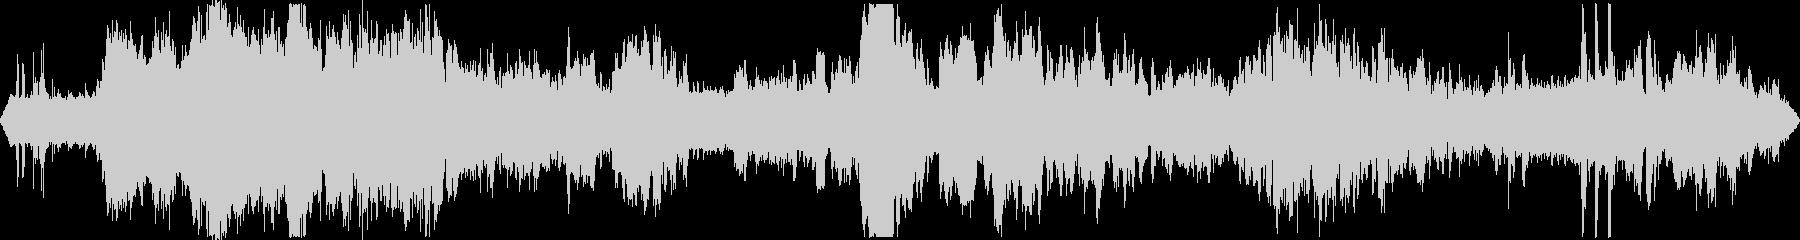 道路工事2  騒音 現場 重機 立体音響の未再生の波形